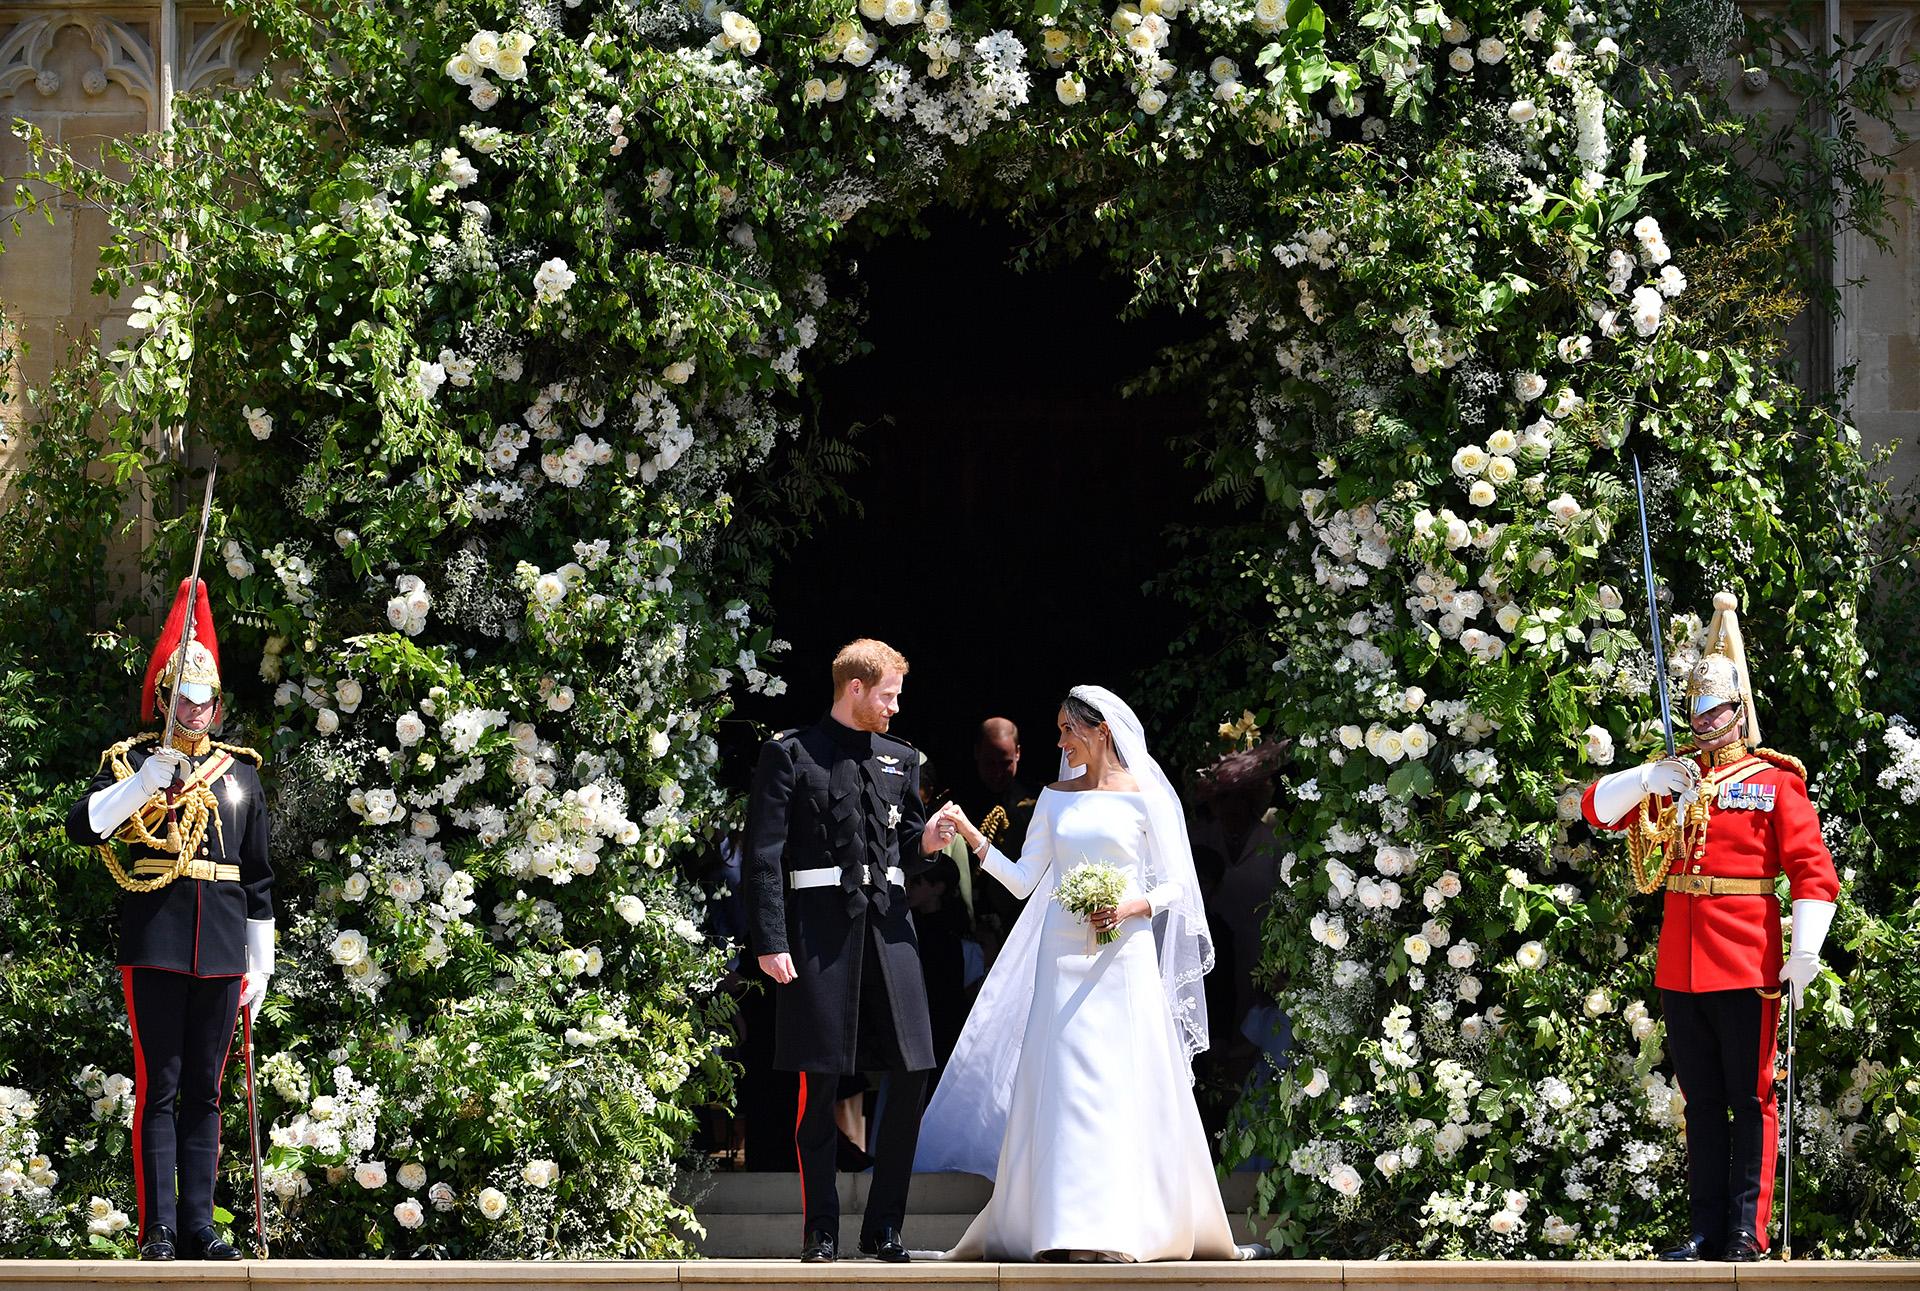 Recién casados, ante 1.200 invitados. Los duques de Sussex debajo del arco formado por cientos de flores blancas que decoraban la capilla del Castillo de Windsor (AFP)